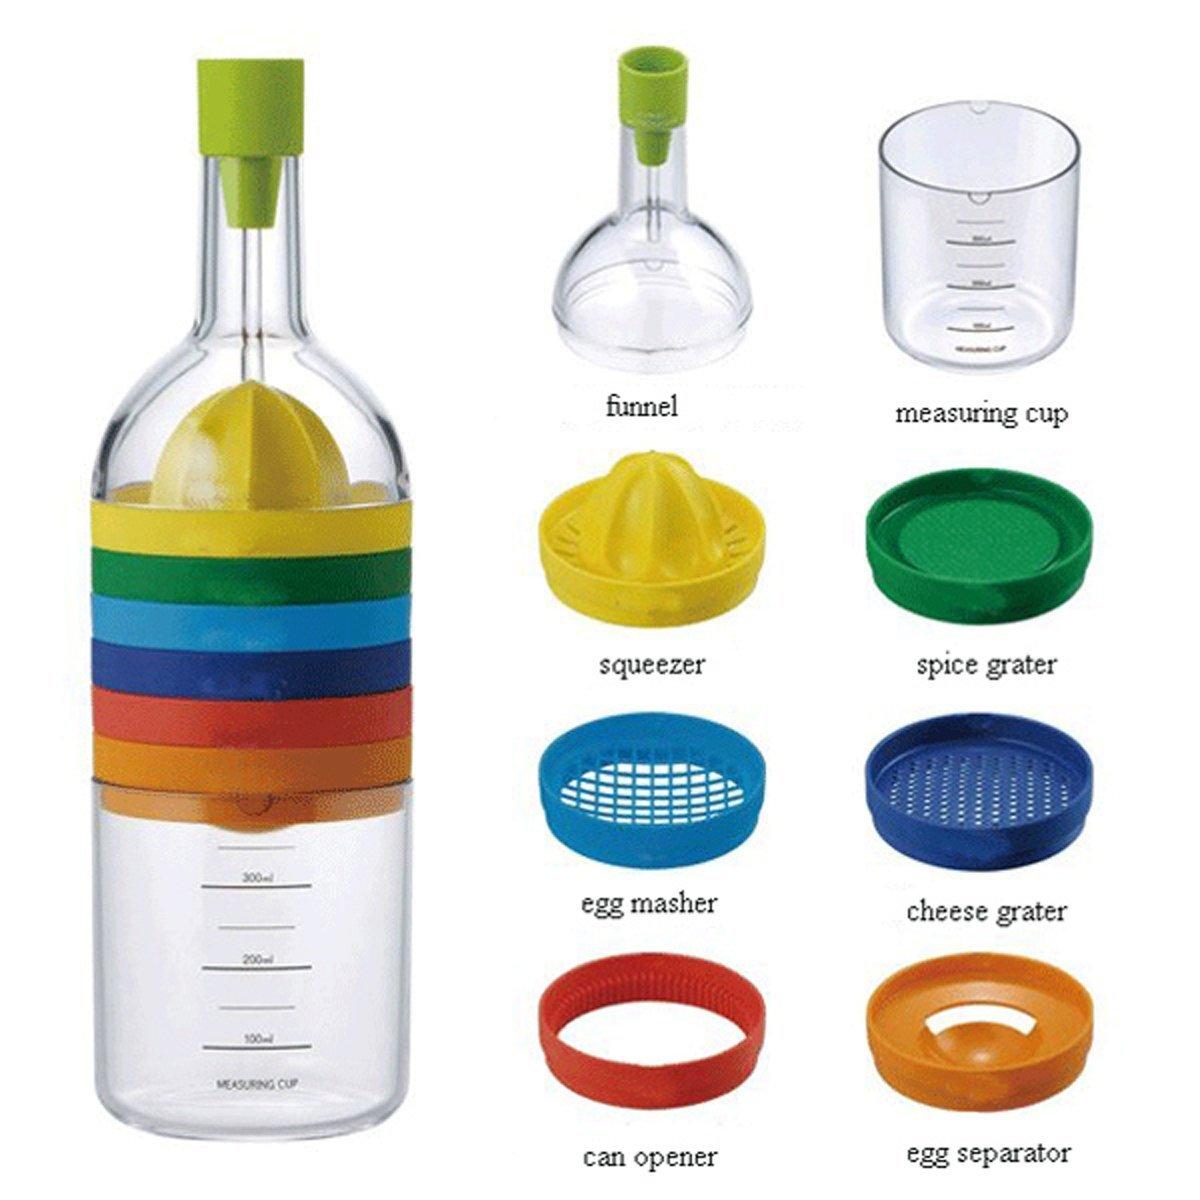 Πολυεργαλείο Κουζίνας με 8 Εξαρτήματα σε σχήμα Μπουκάλι